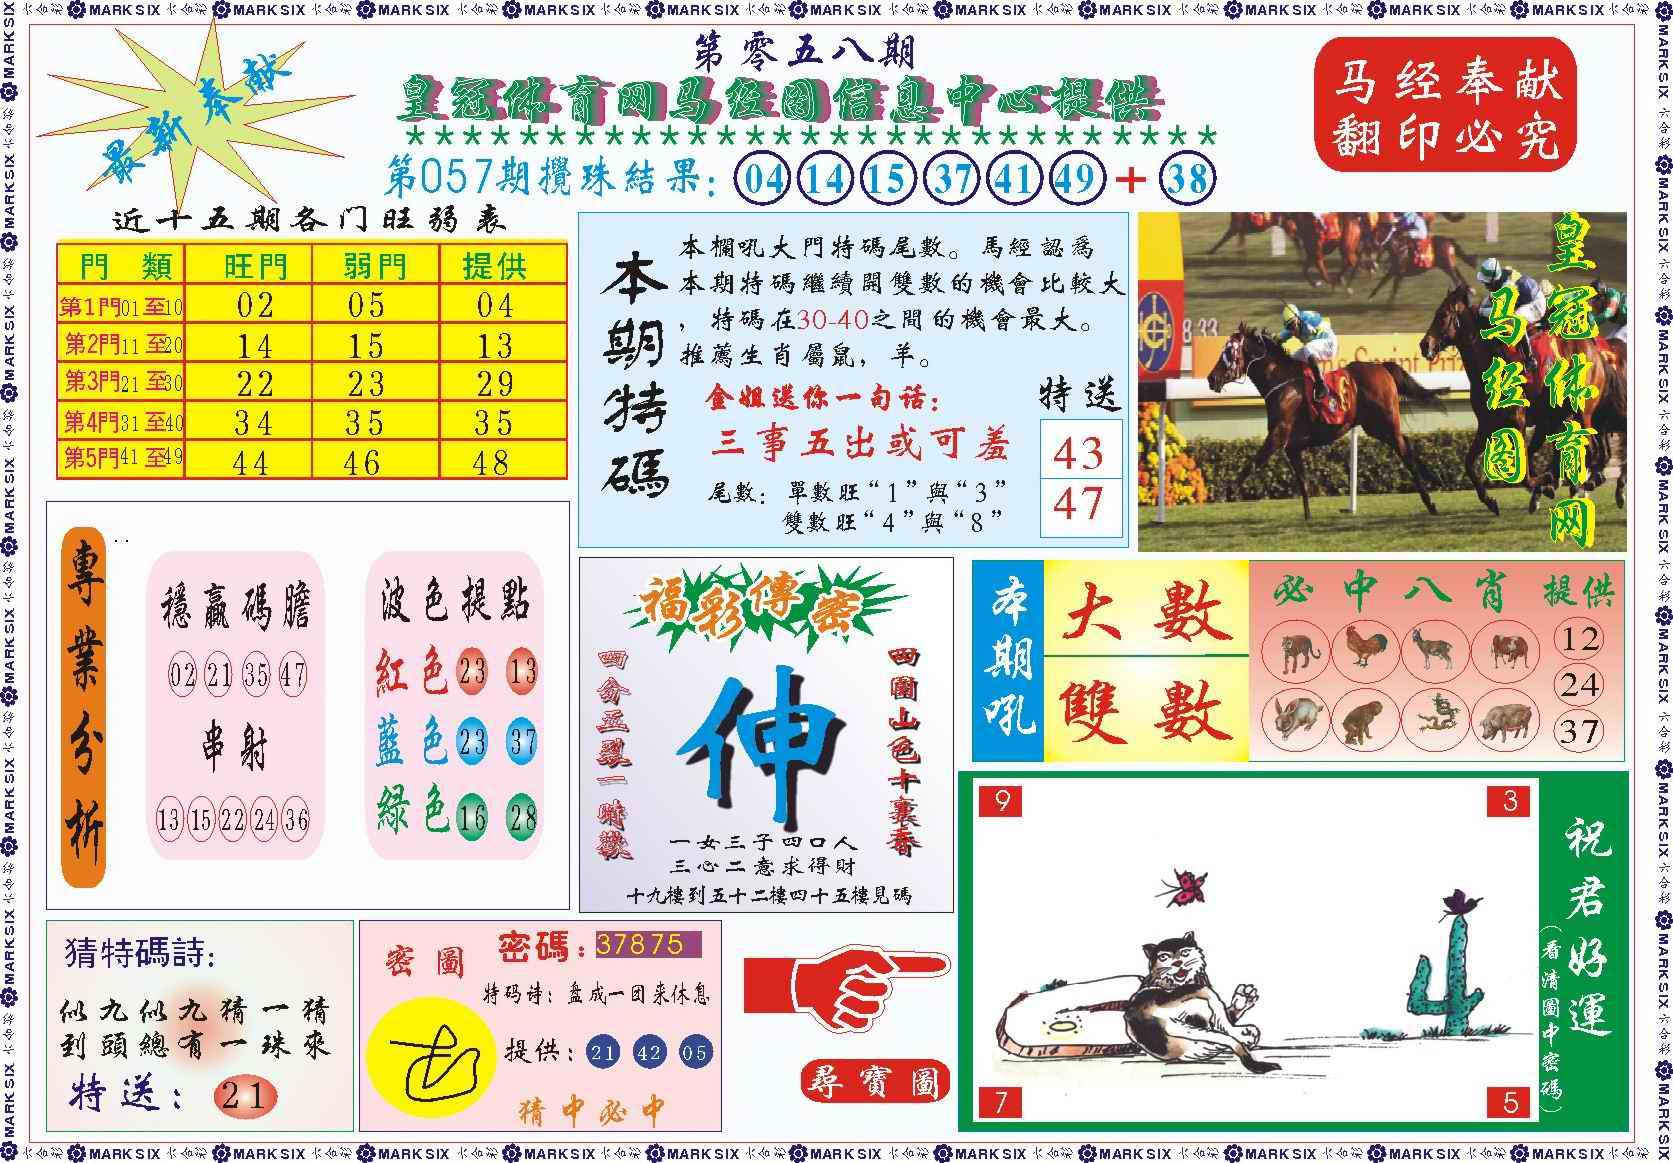 058期皇冠体育网马经图记录